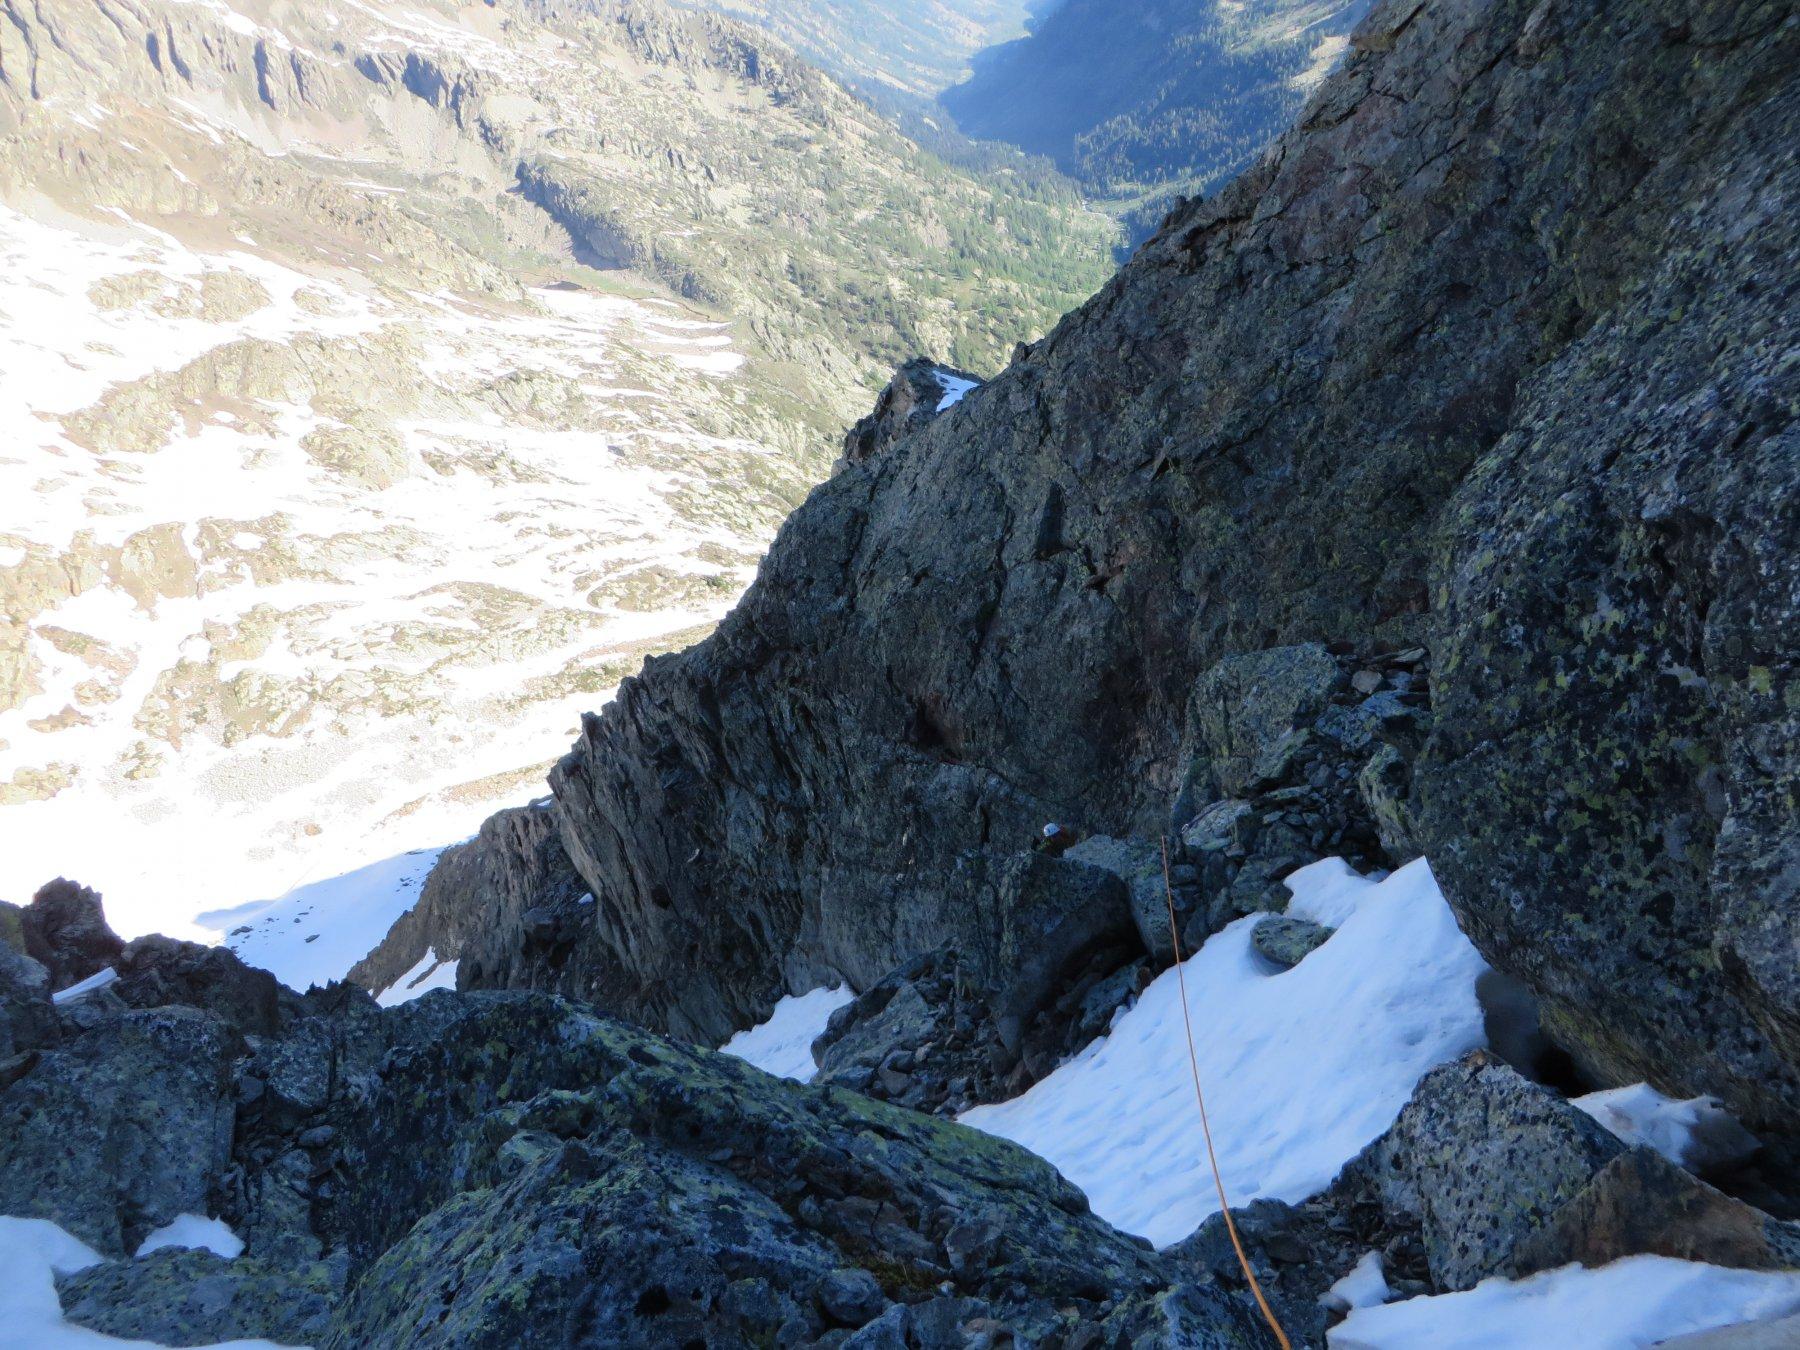 Salendo la strettoia rocciosa